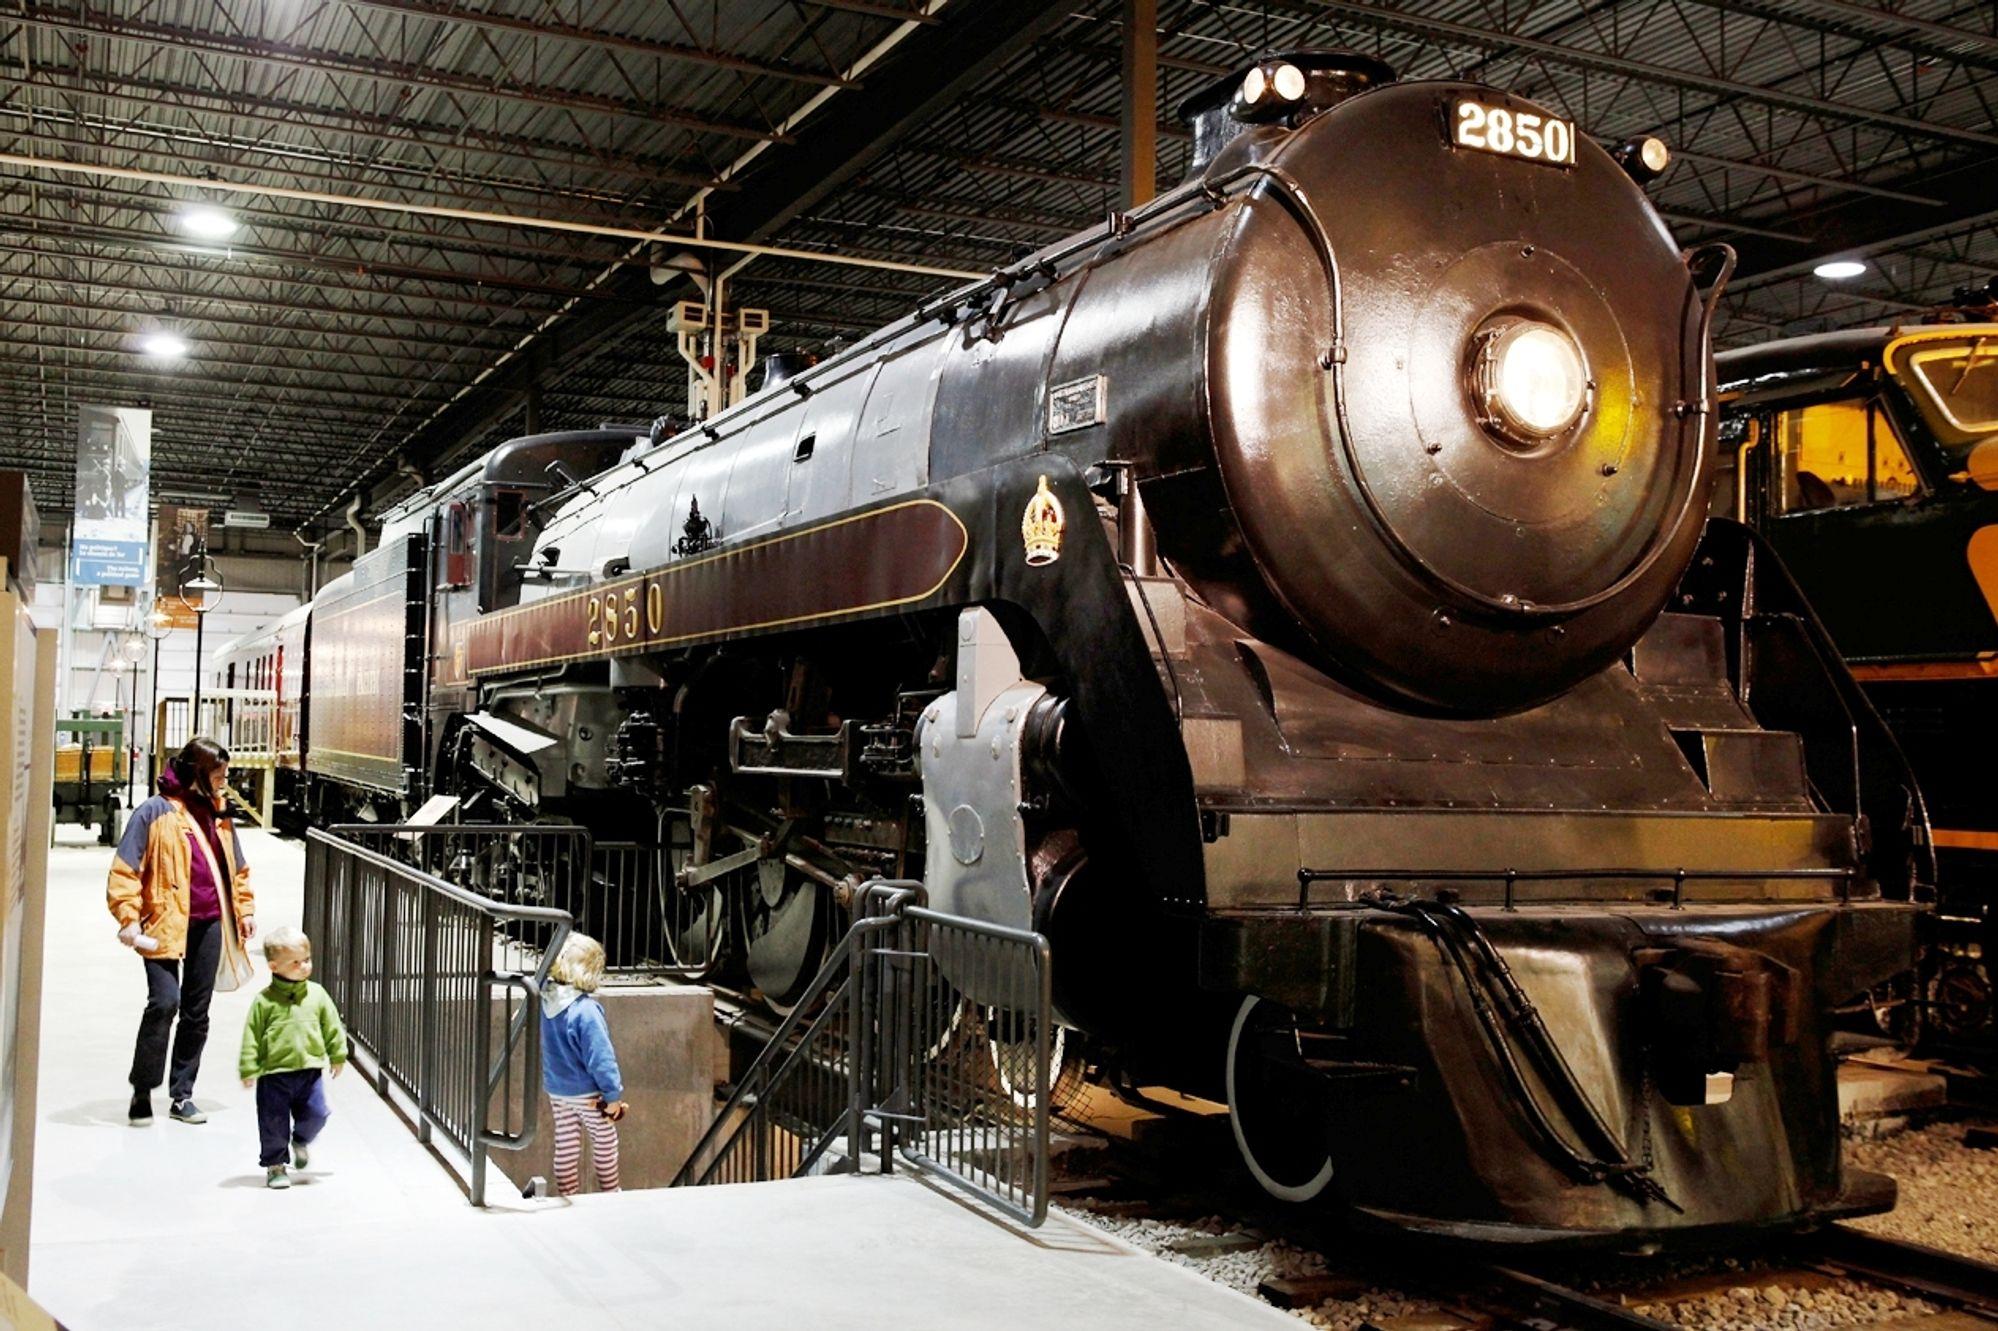 1961 yılında kurulan müze kent tarihi ve tren meraklılarını bir araya getiriyor.